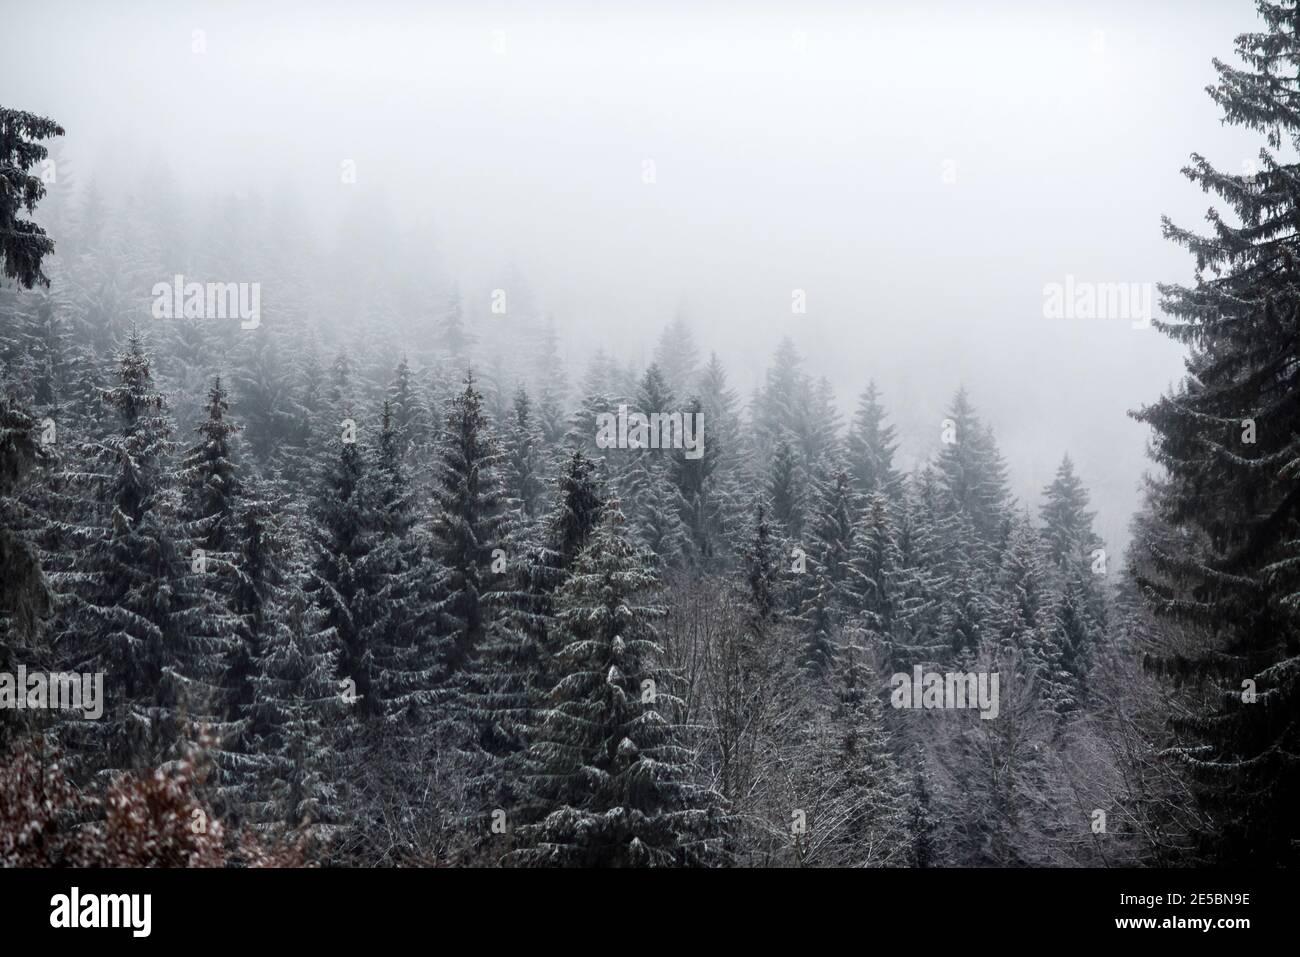 La neige couvrait les arbres dans la forêt pendant un brouillard. Banque D'Images